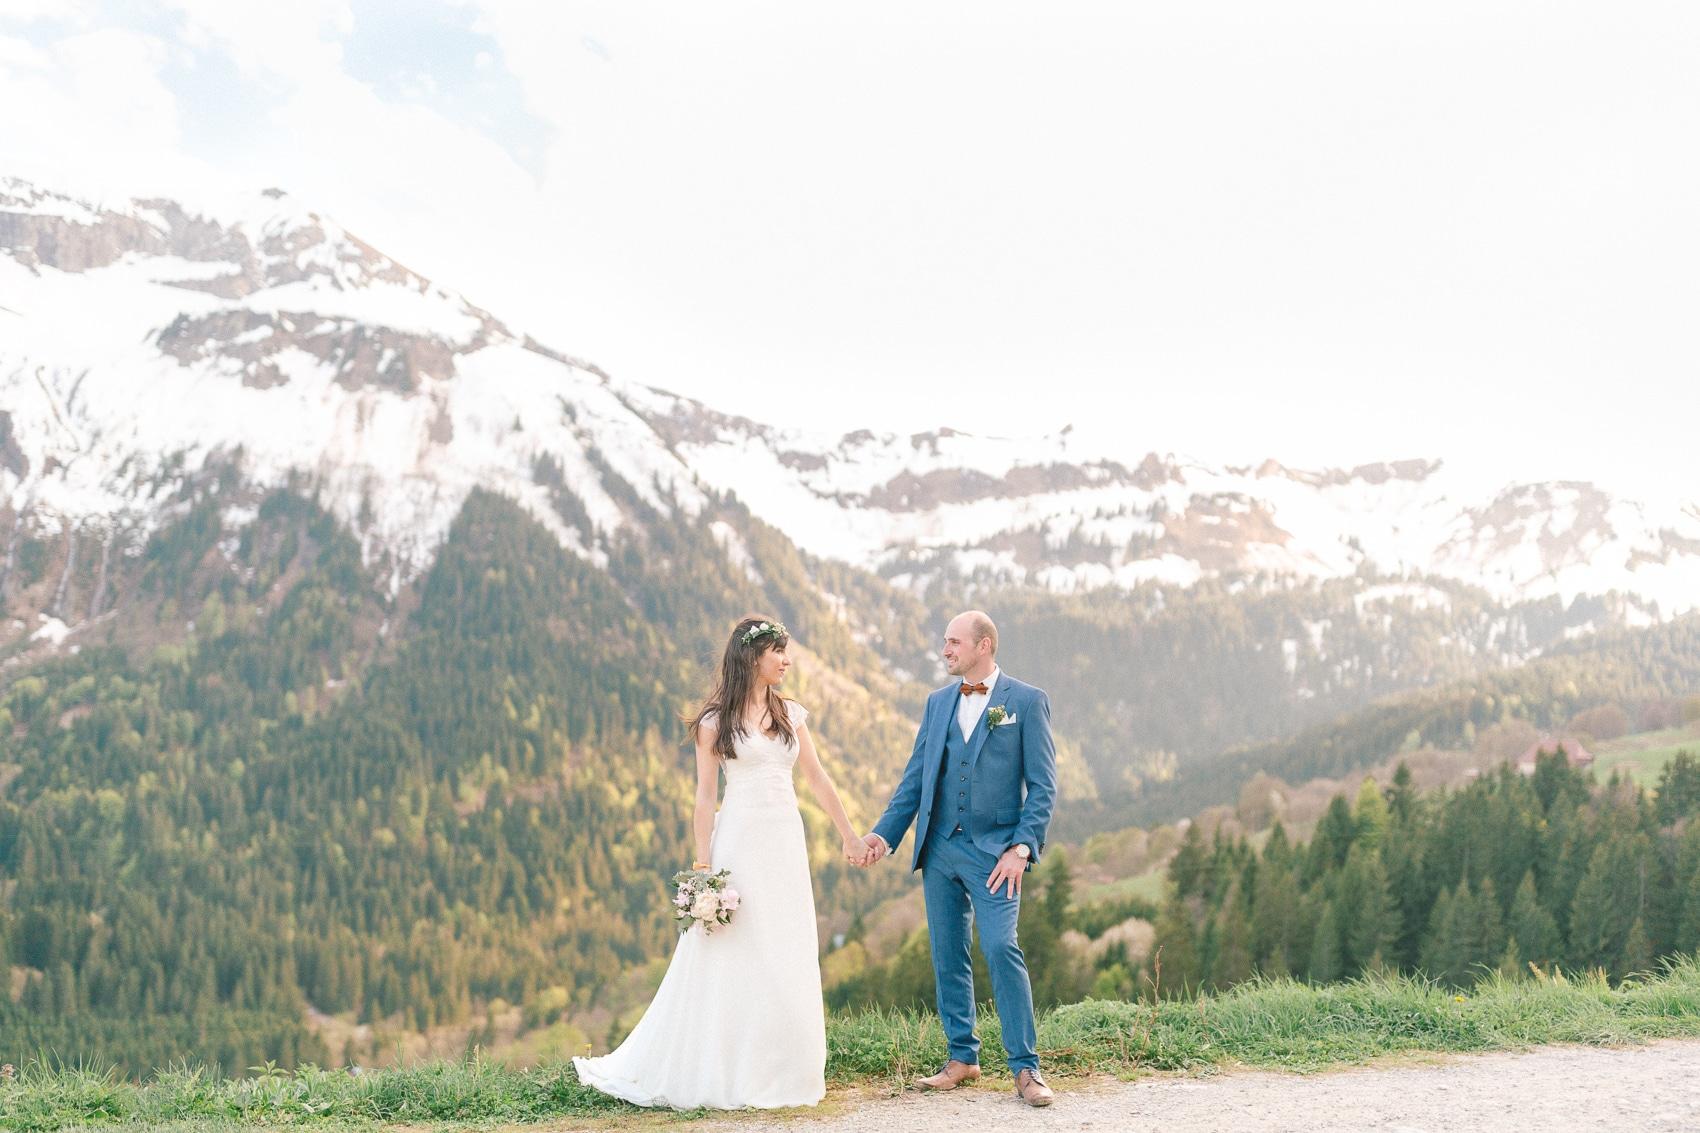 photographe mariage elopement annecy geneve lyon lausanne montagne julien bonjour. Photographe gay lesbien, LGBT friendly